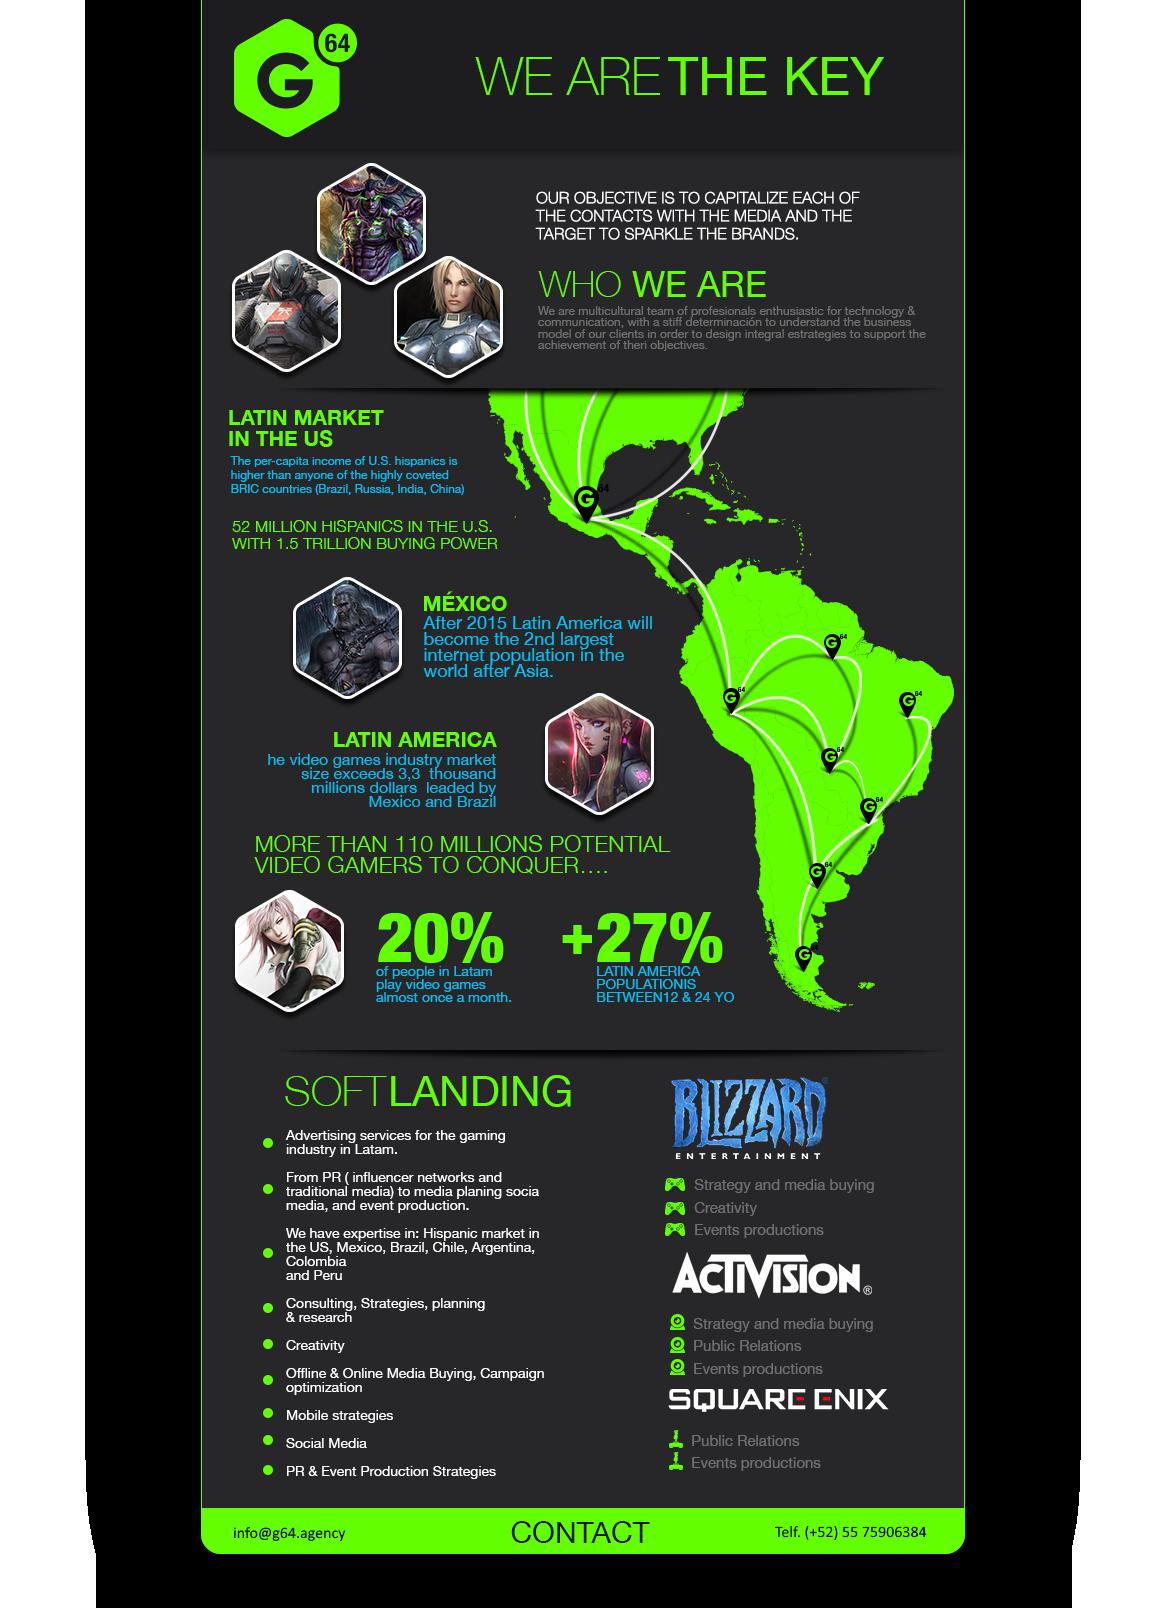 G64 Agency